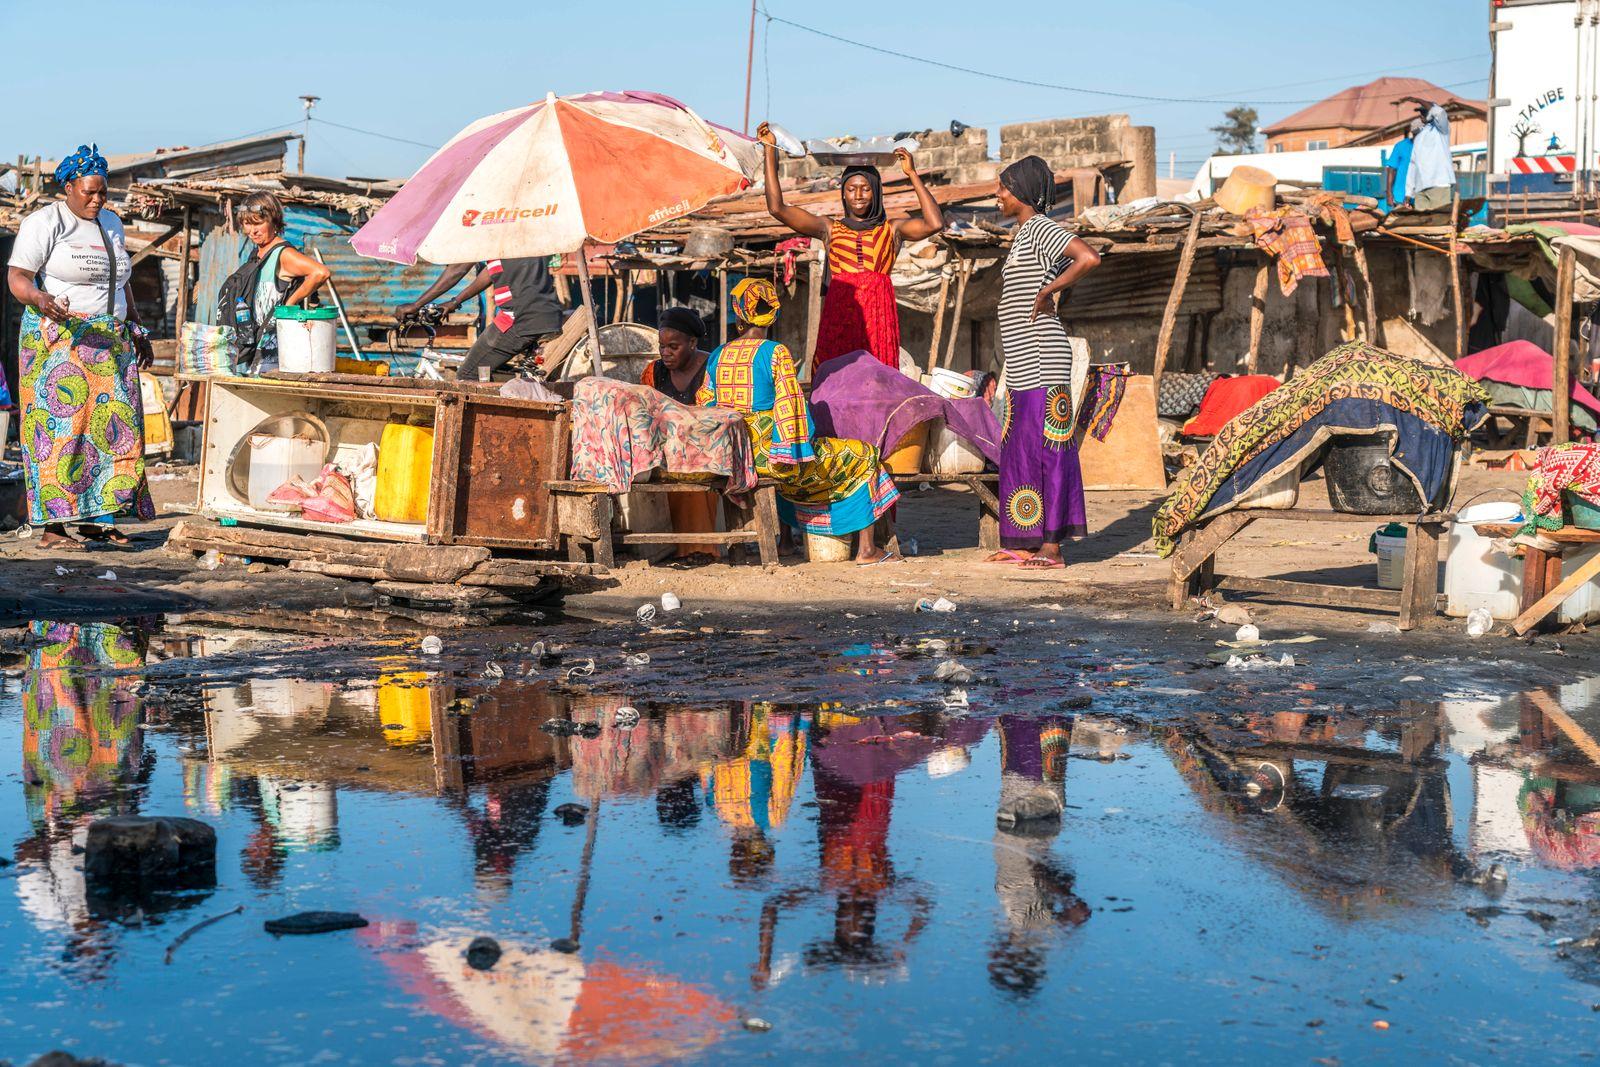 Fischmarkt Fischmarkt in Tanji, Gambia, Westafrika fish market in Tanji, Gambia, West Africa,